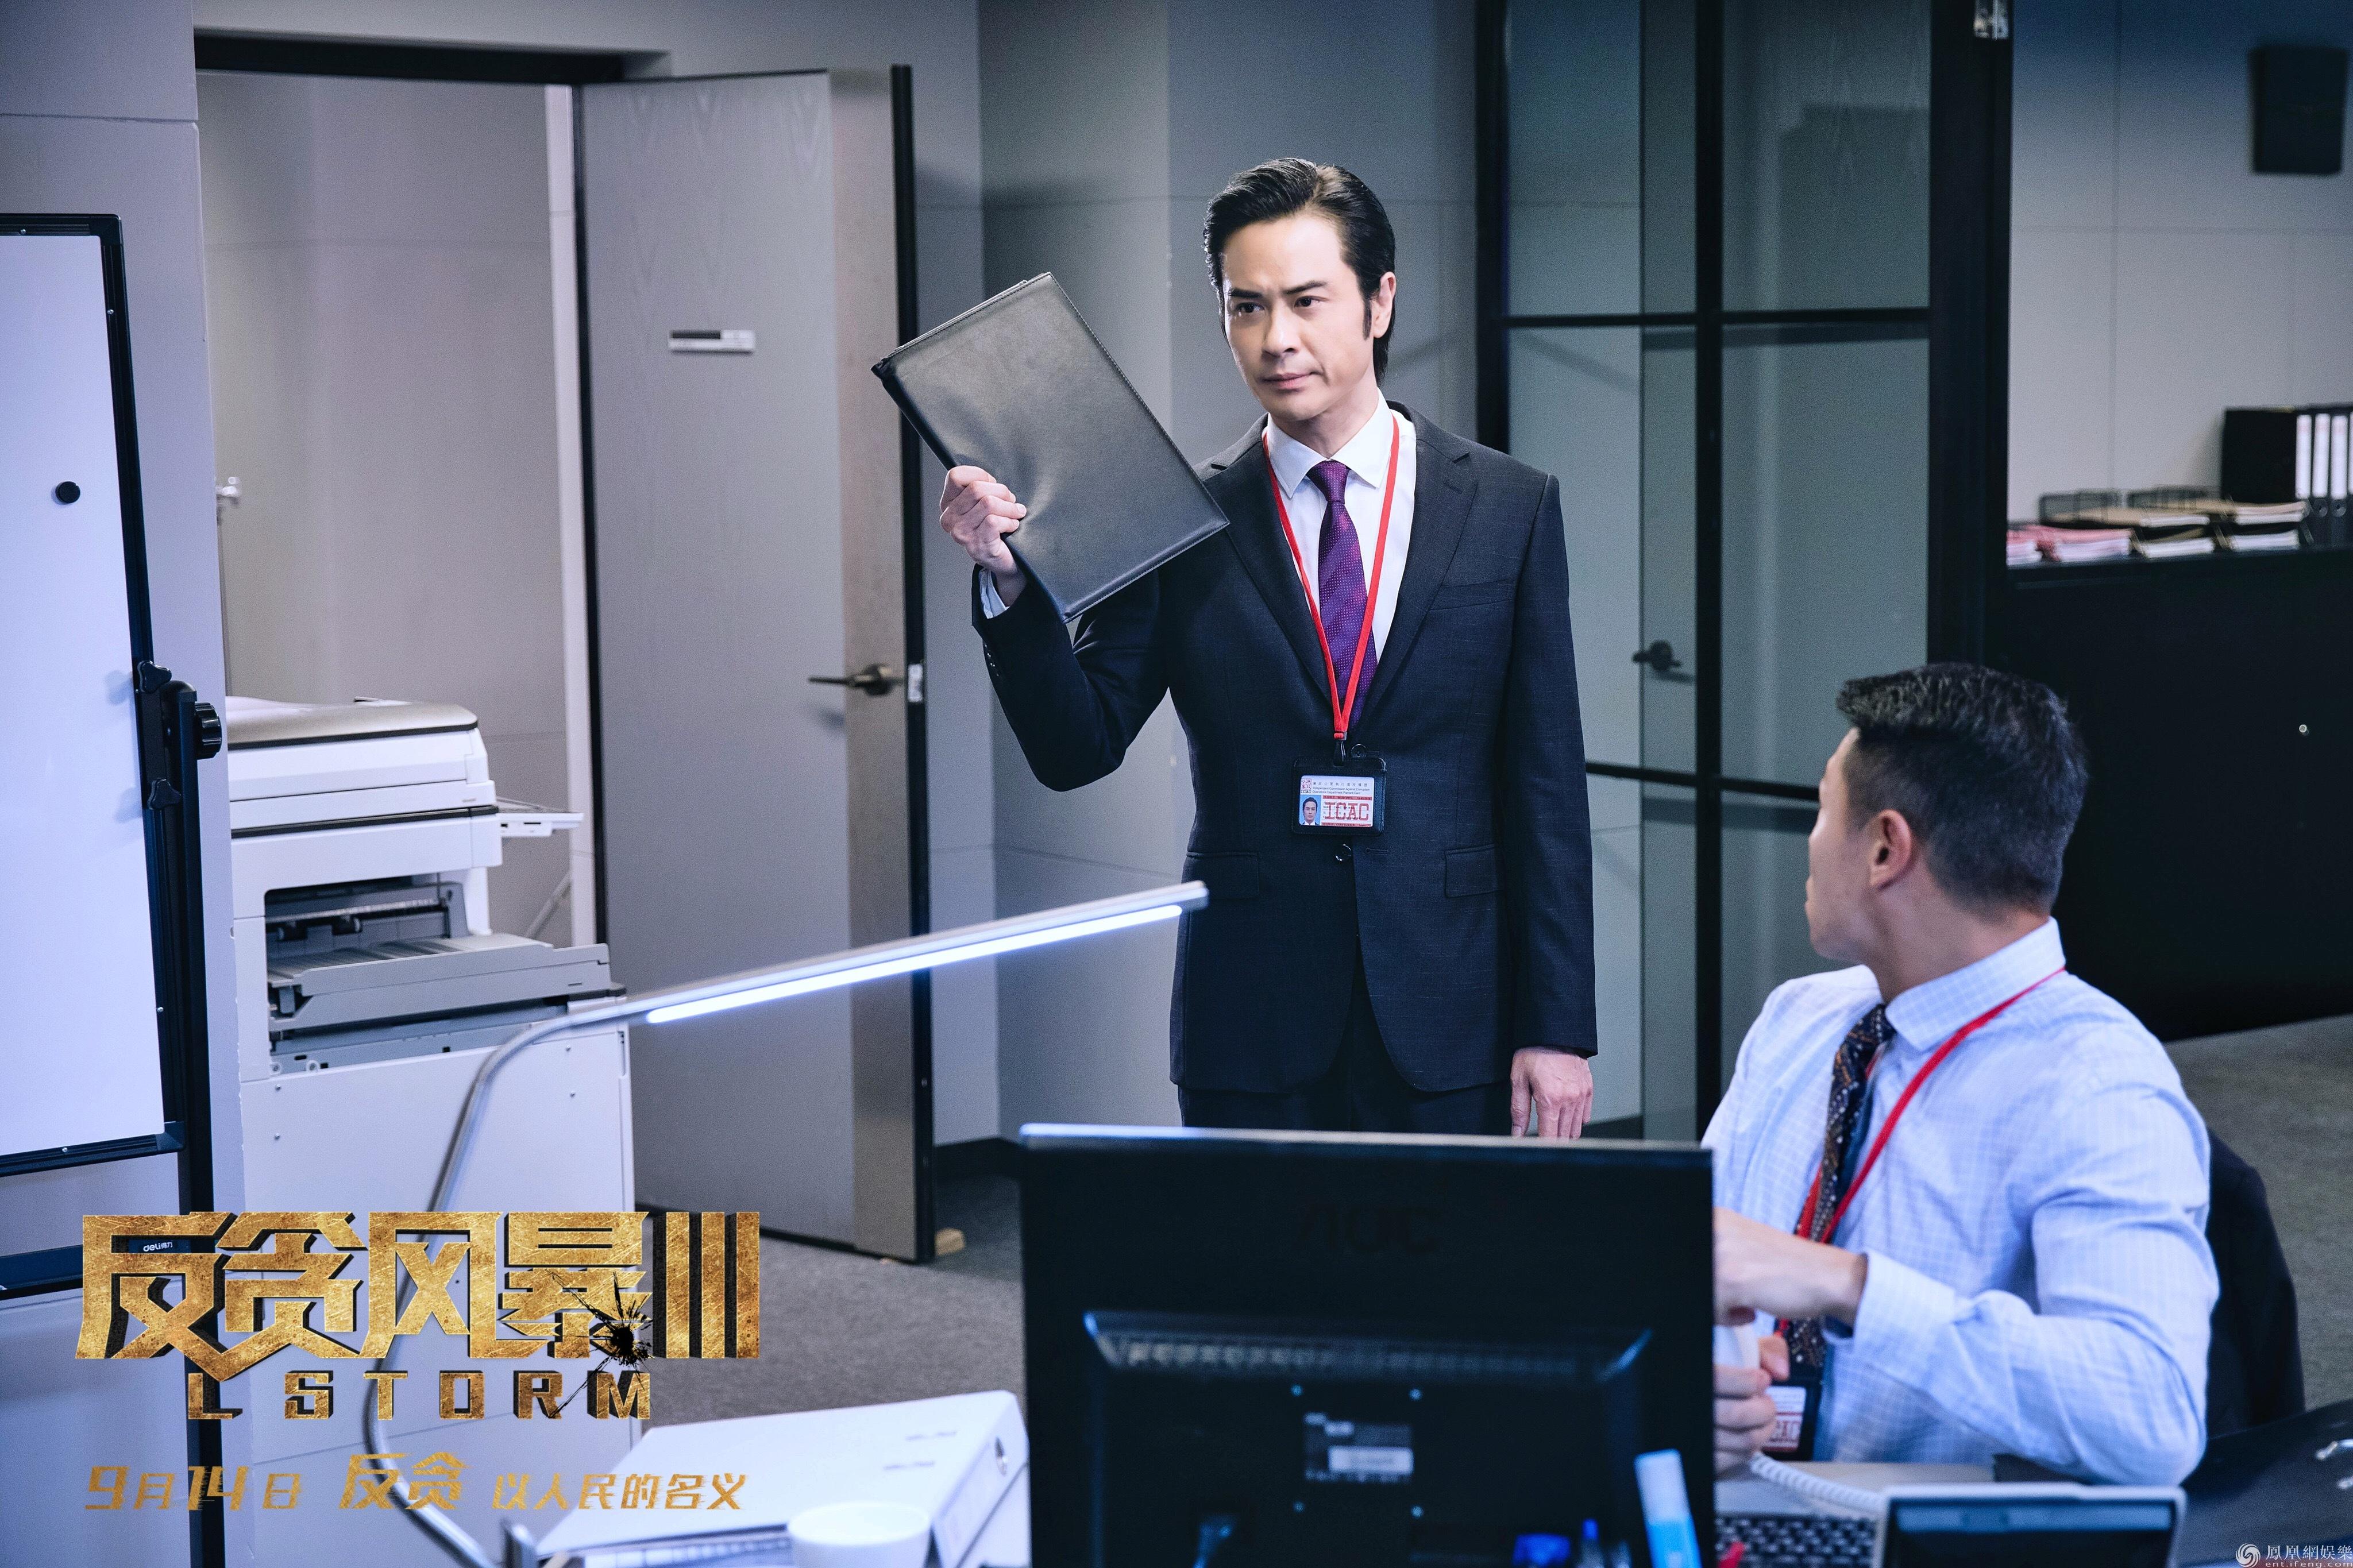 《反贪风暴3》热映单日票房登顶 古天乐为戏敬业